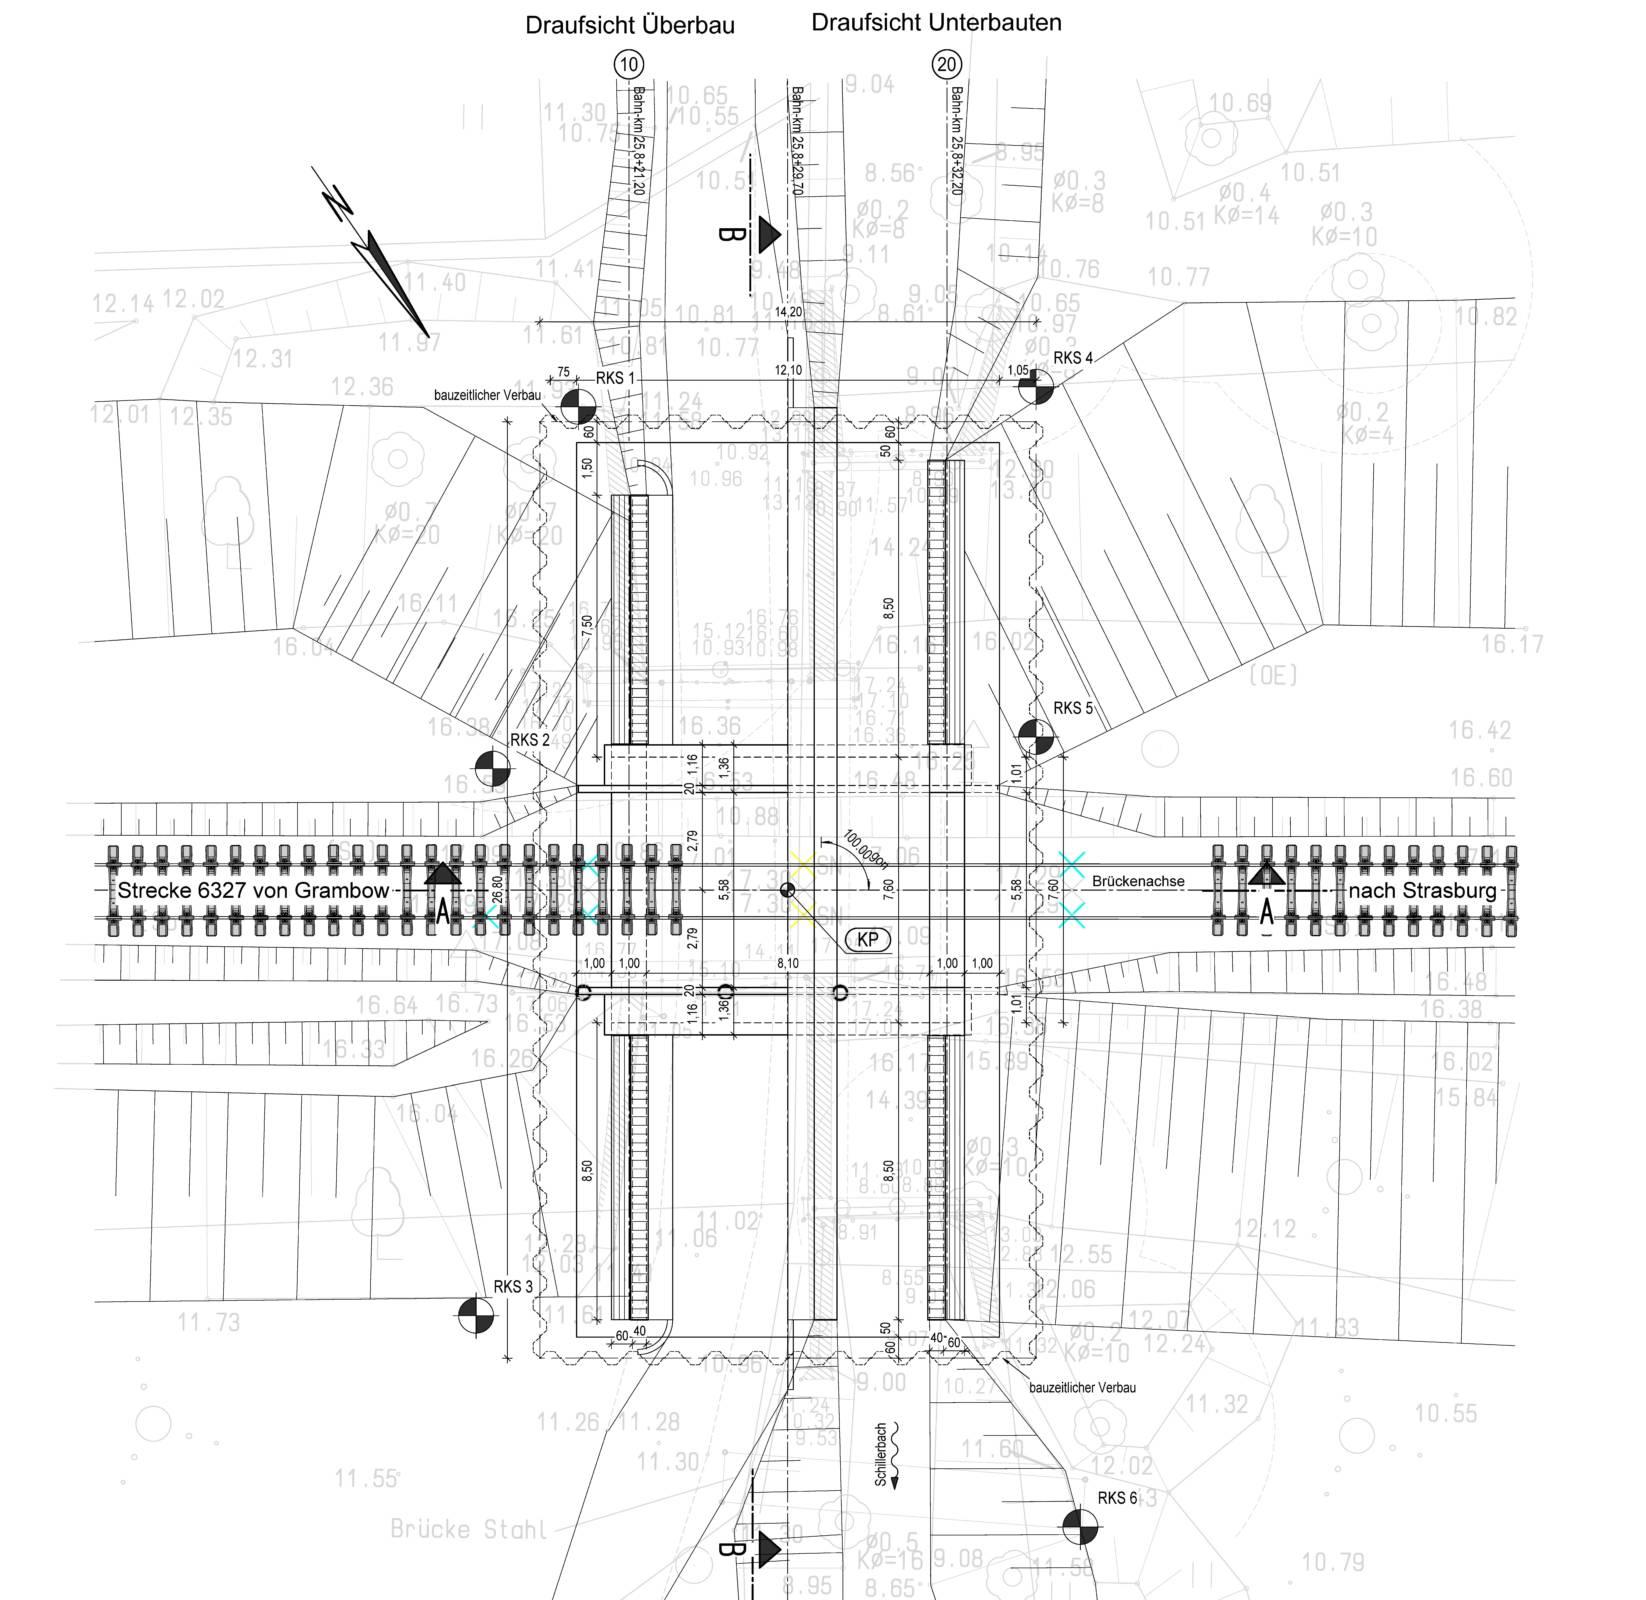 Plan Strecke 6327, Neubau WU Km 21,757